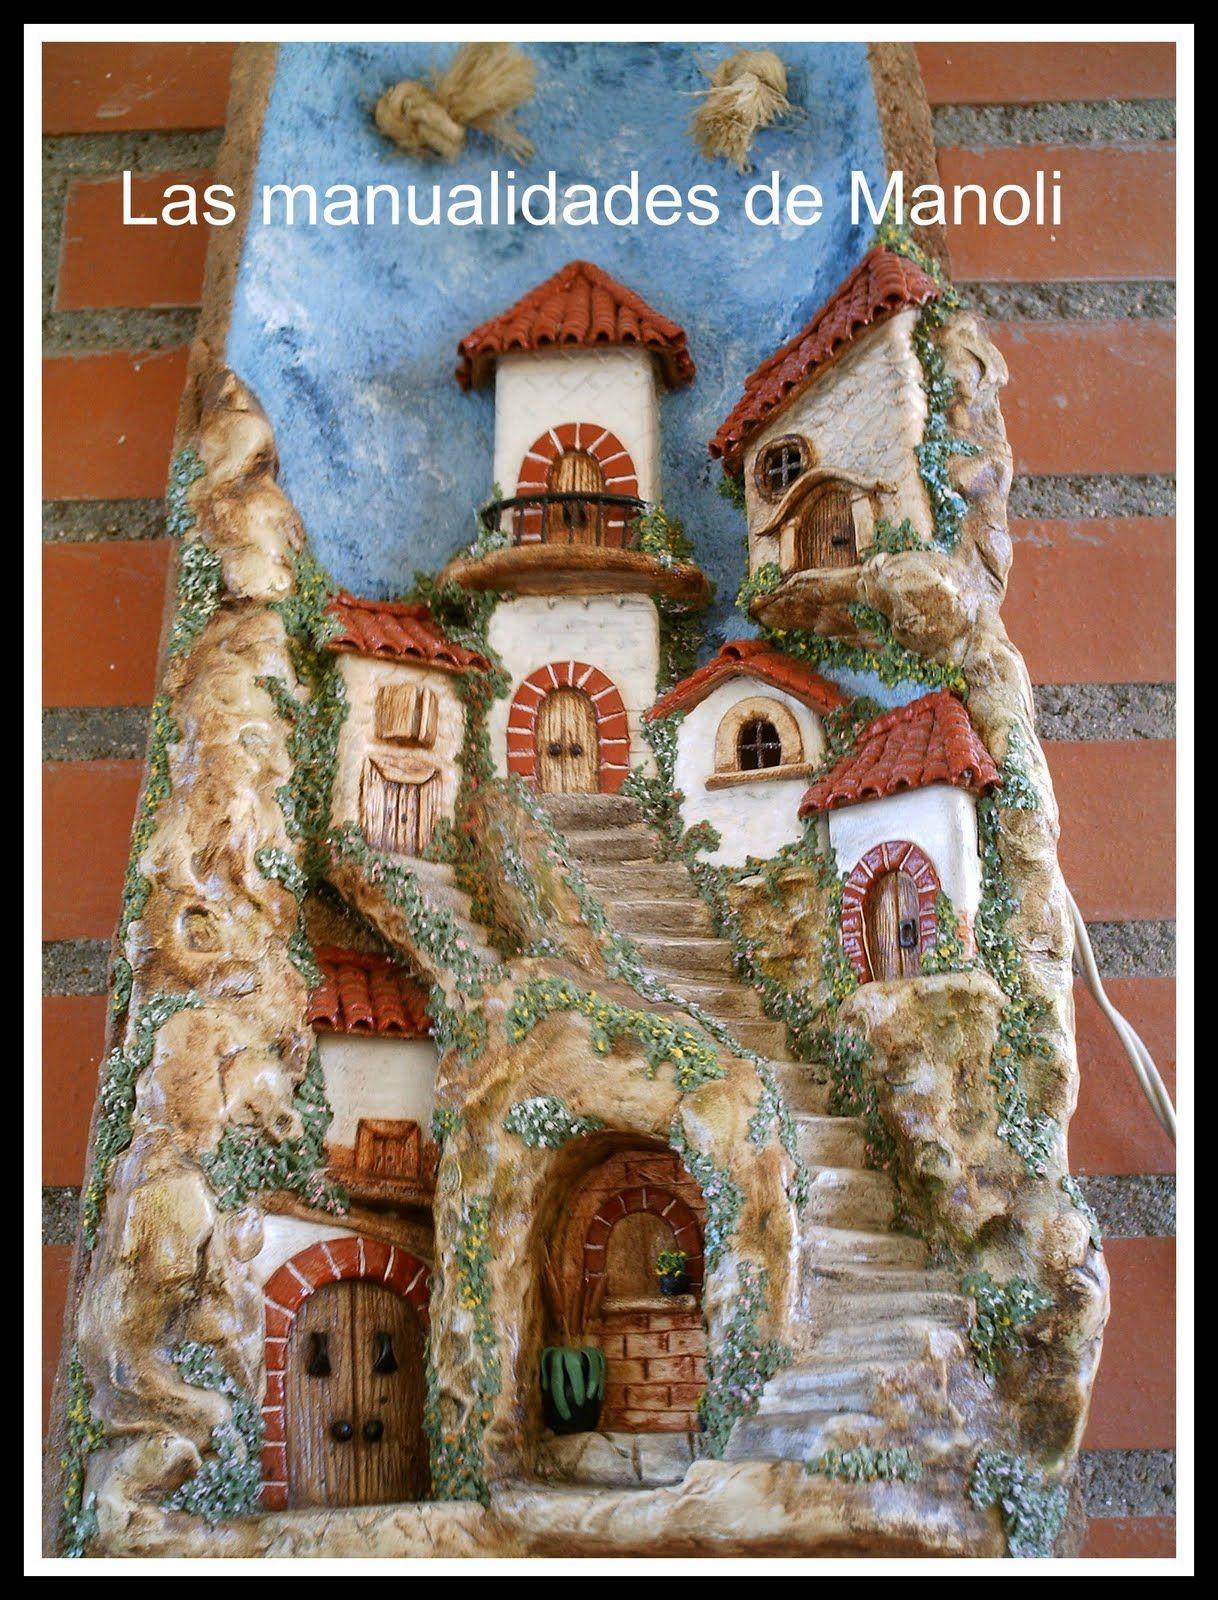 Las manualidades de manoli teja paisaje pueblo tejas pinterest las manualidades paisajes - Accesorios para decorar tejas ...